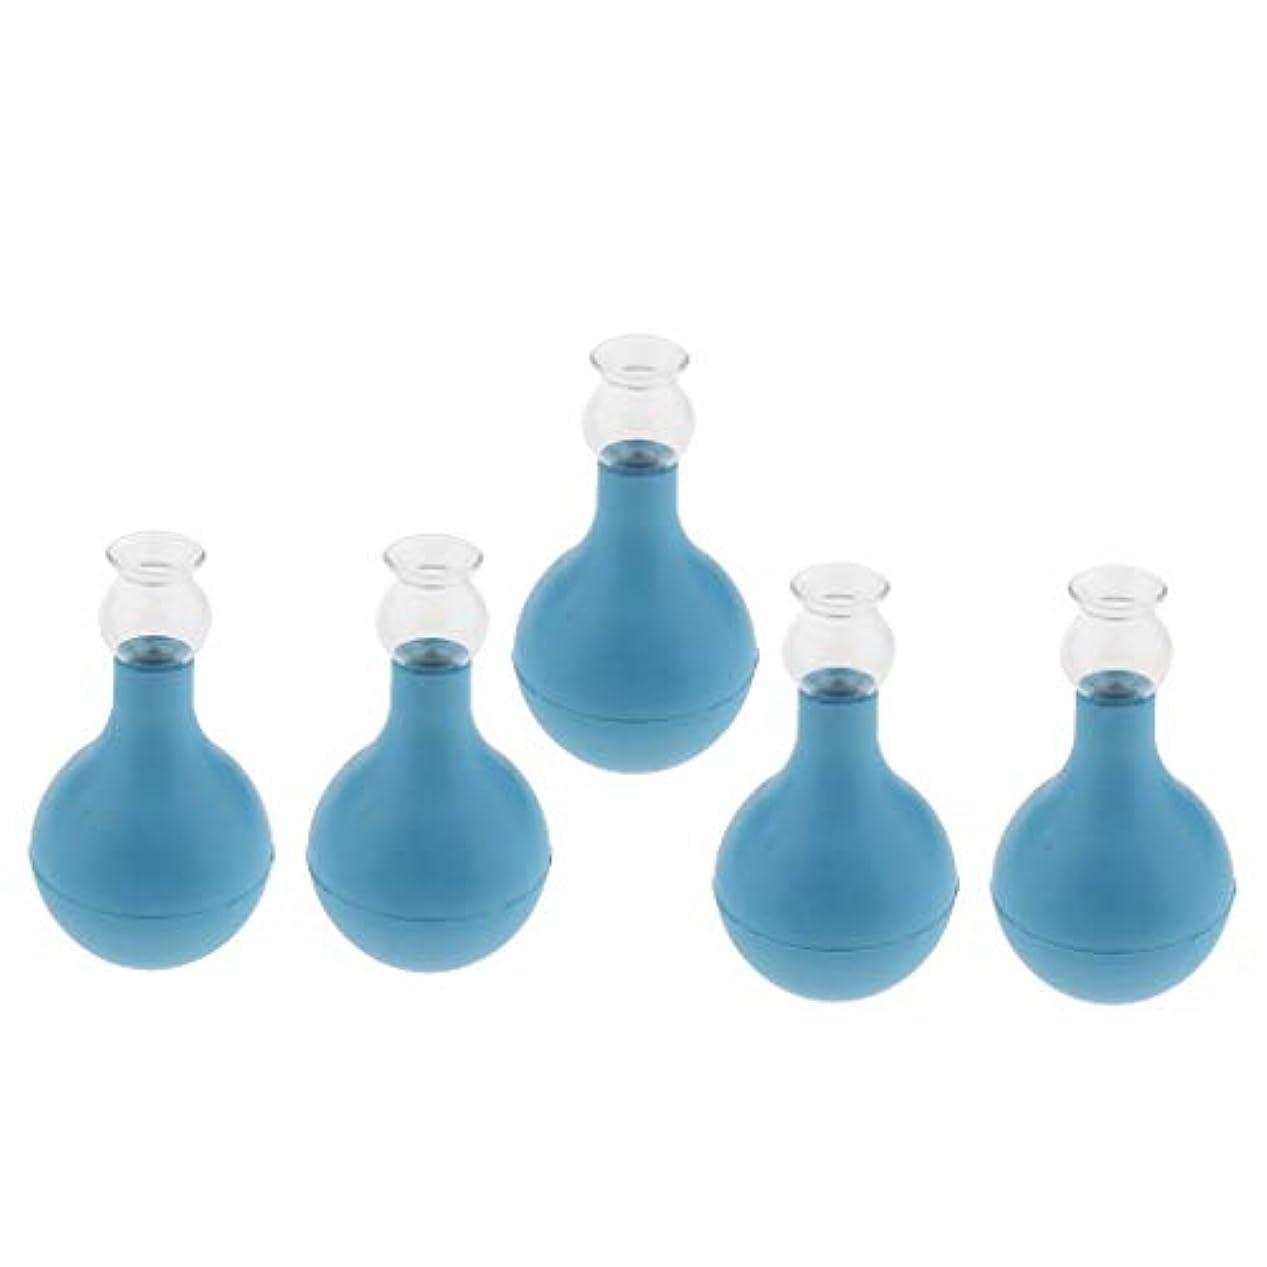 シプリーオークランドアーネストシャクルトンBaoblaze シリコン カッピング 吸い玉 落ちやすい 5個セット 吸引力 抗セルライト 腫脹緩和 2サイズ選ぶ - ブルー+ブルー3cm, 3cm